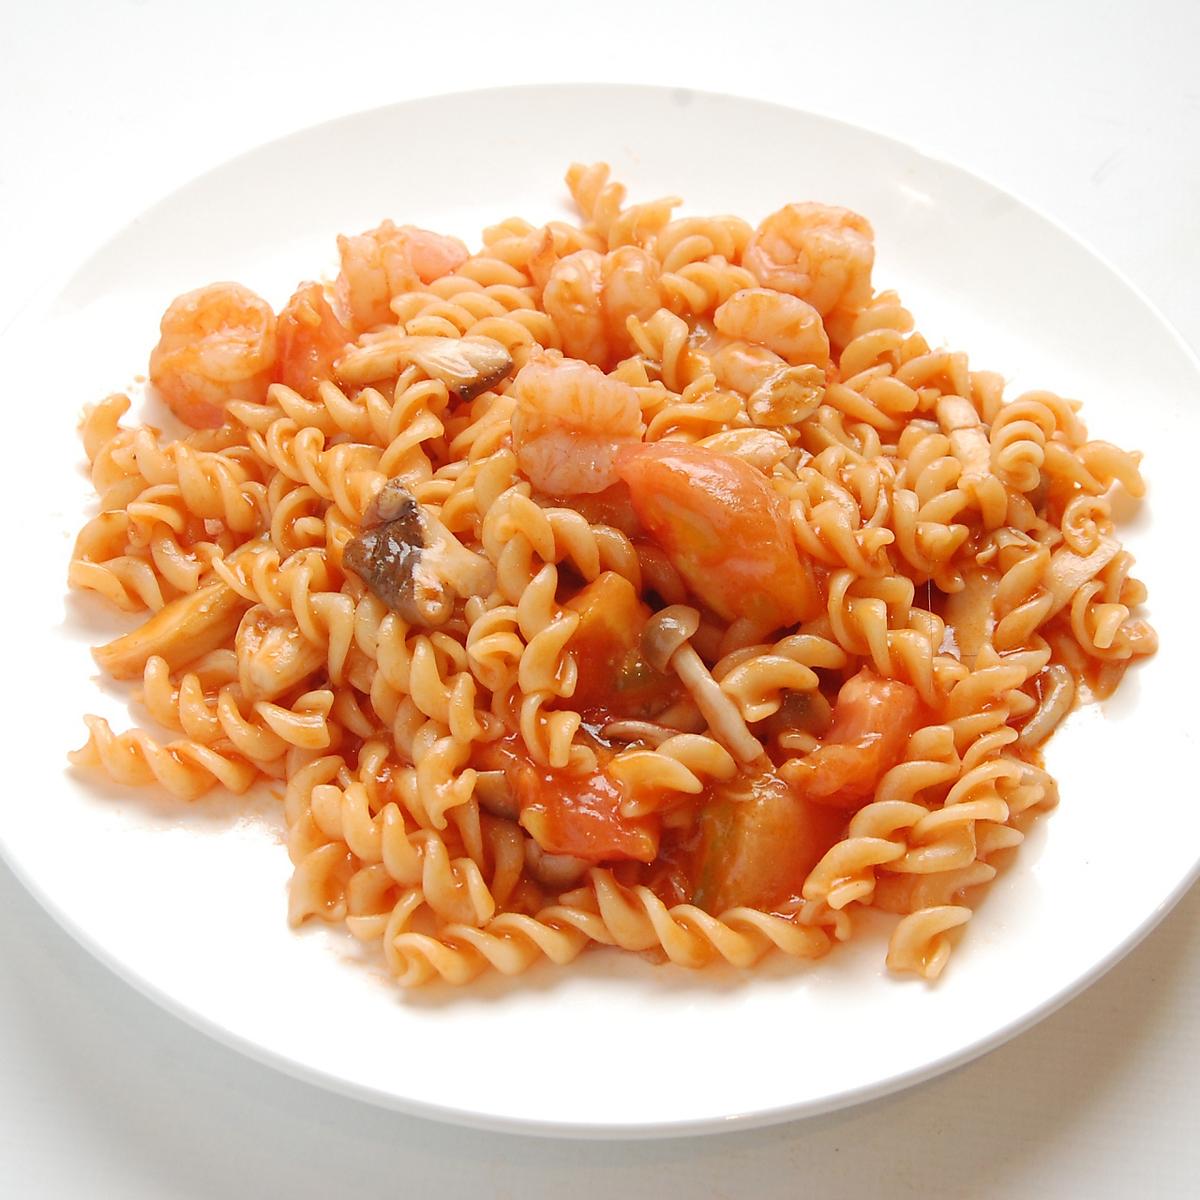 토마토 새우 구이 이탈리아 국수